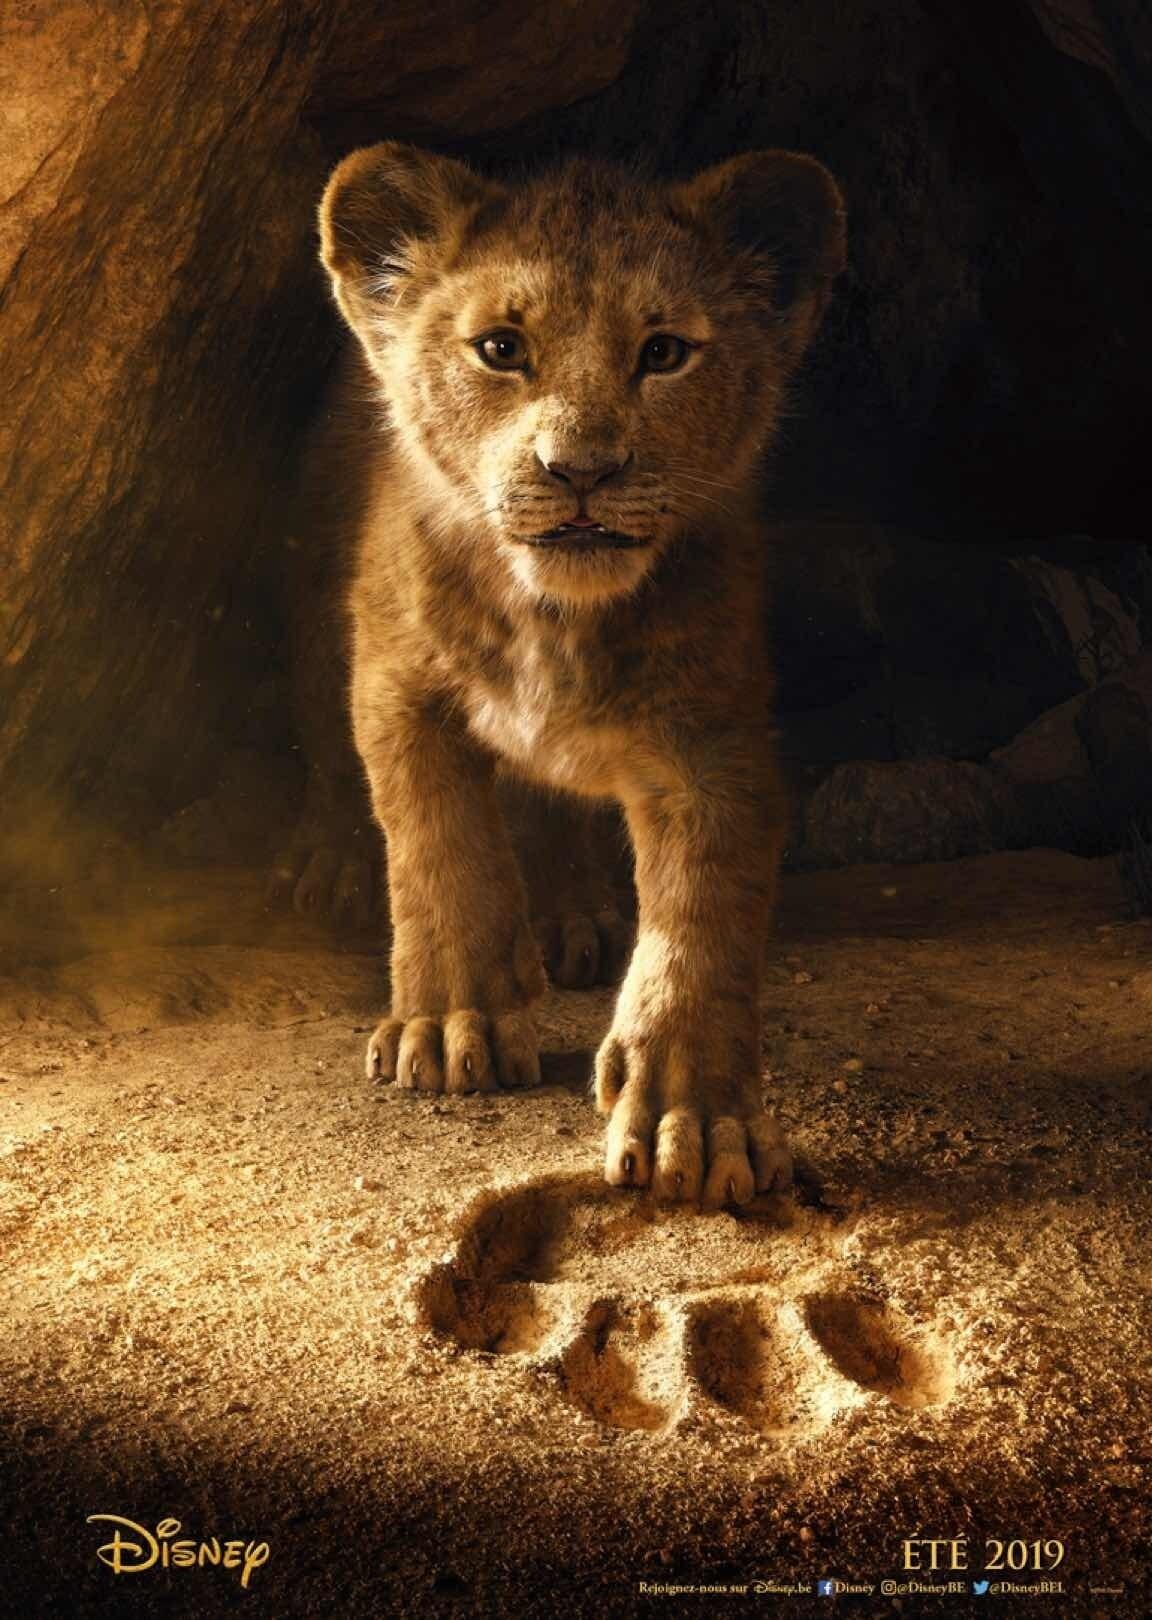 Le Roi Lion (2019) - Poster